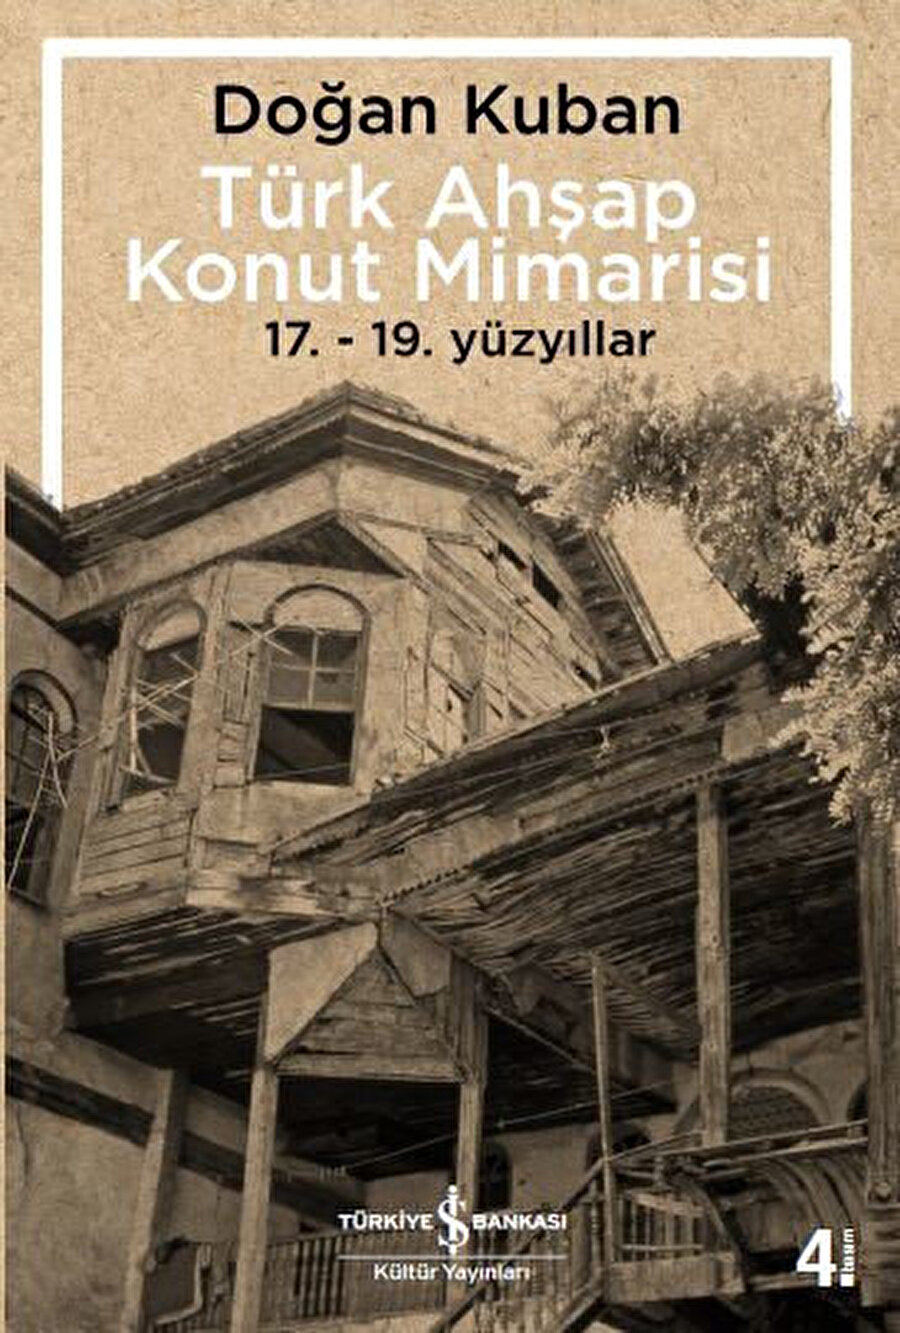 İş Bankası Kültür Yayınları - 296 Sayfa